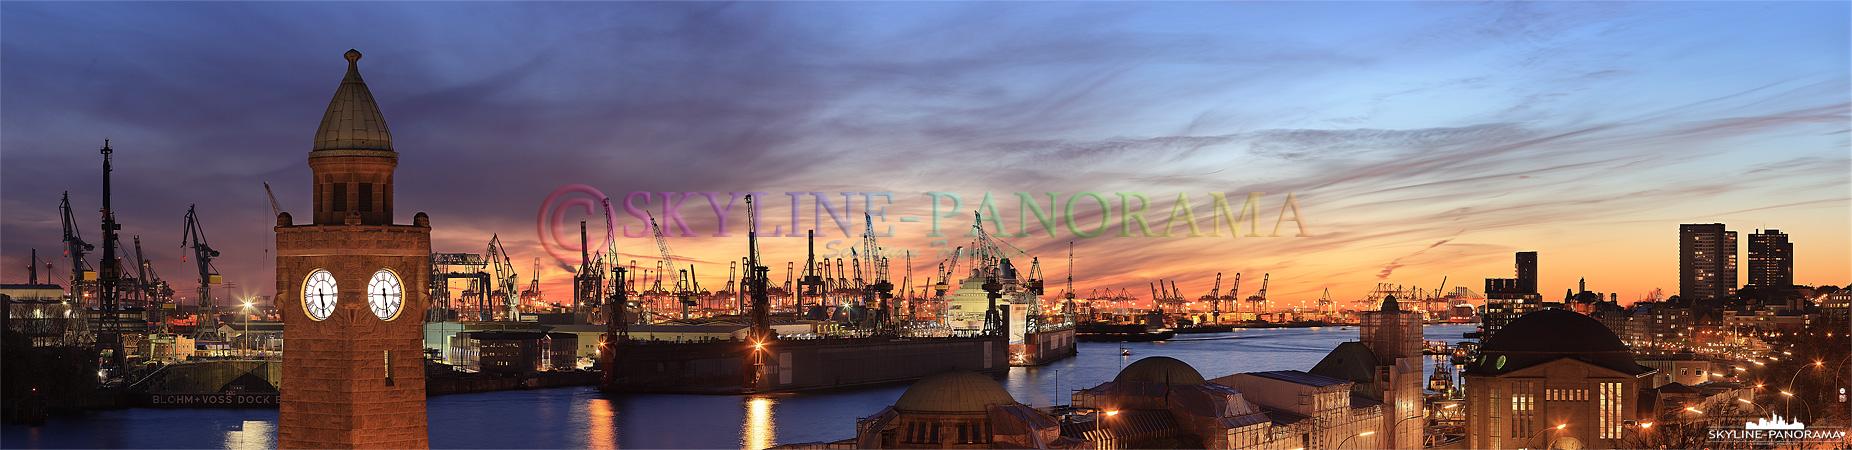 Hafen Skyline von Hamburg - Panorama Bild aus dem Hamburger Hafen mit dem Pegelturm und dem alten Elbtunnel während des Sonnenuntergangs im Herbst 2010.